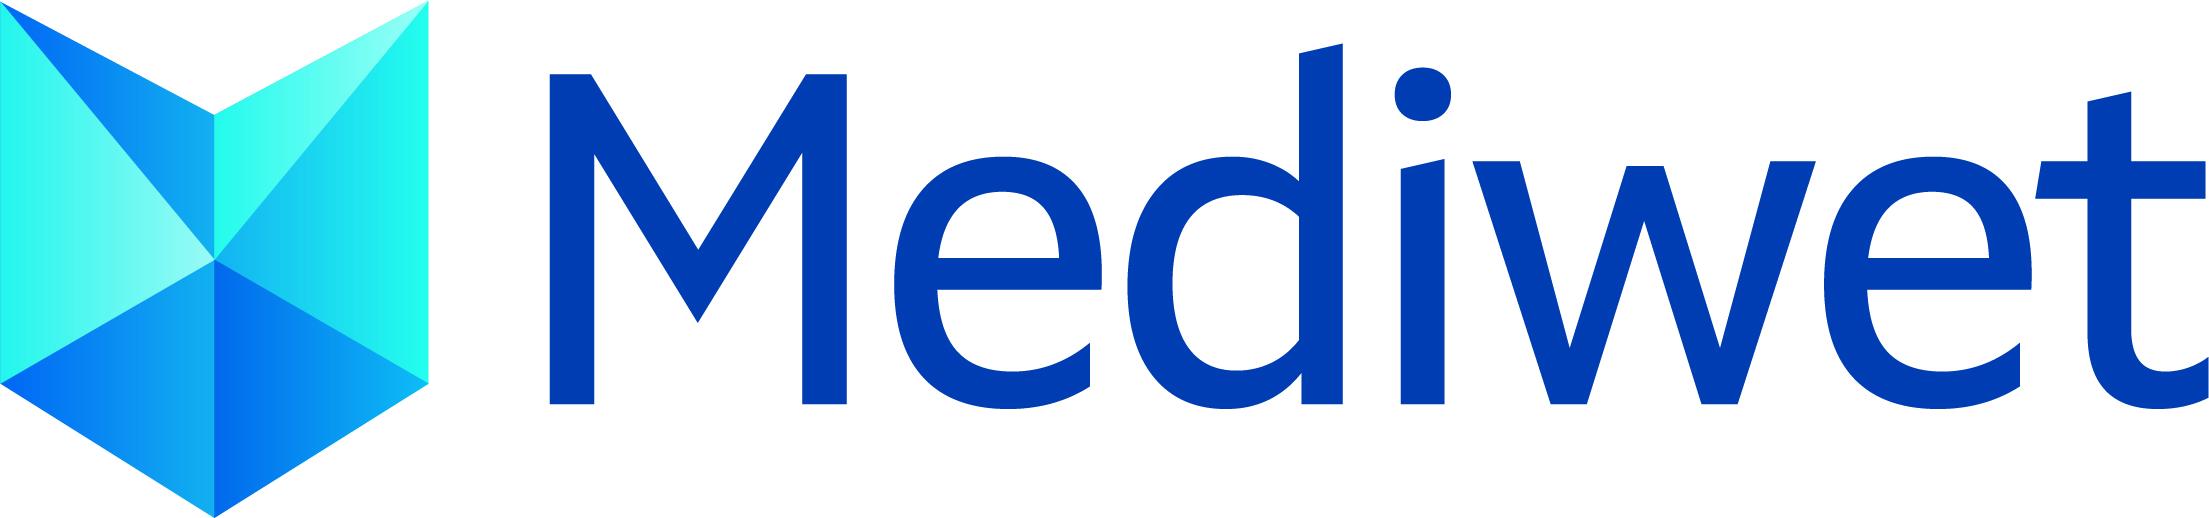 MEDIWET_logo_qu-pos.jpg